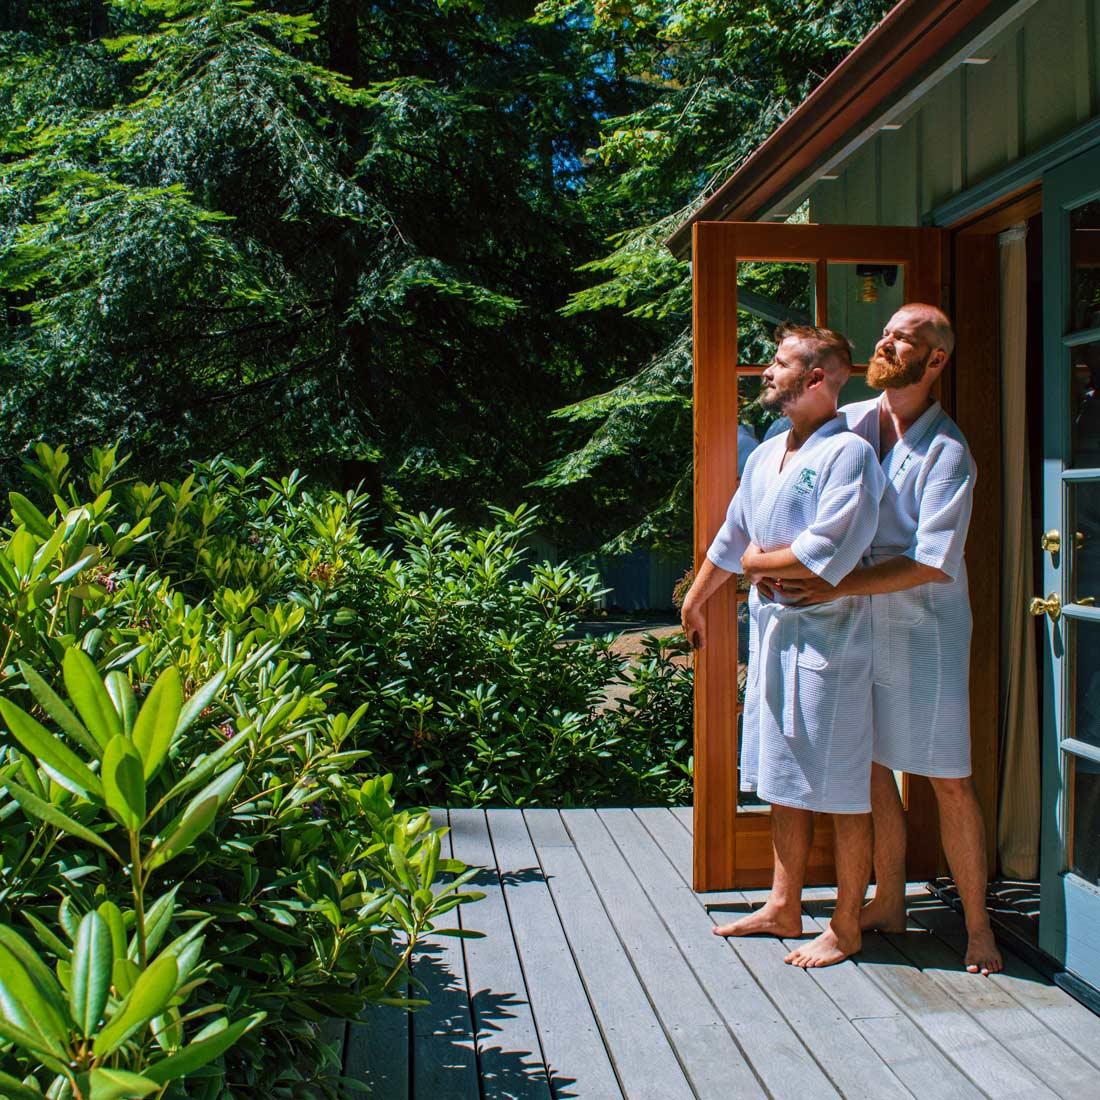 Good morning from Steamboat Inn © Coupleofmen.com